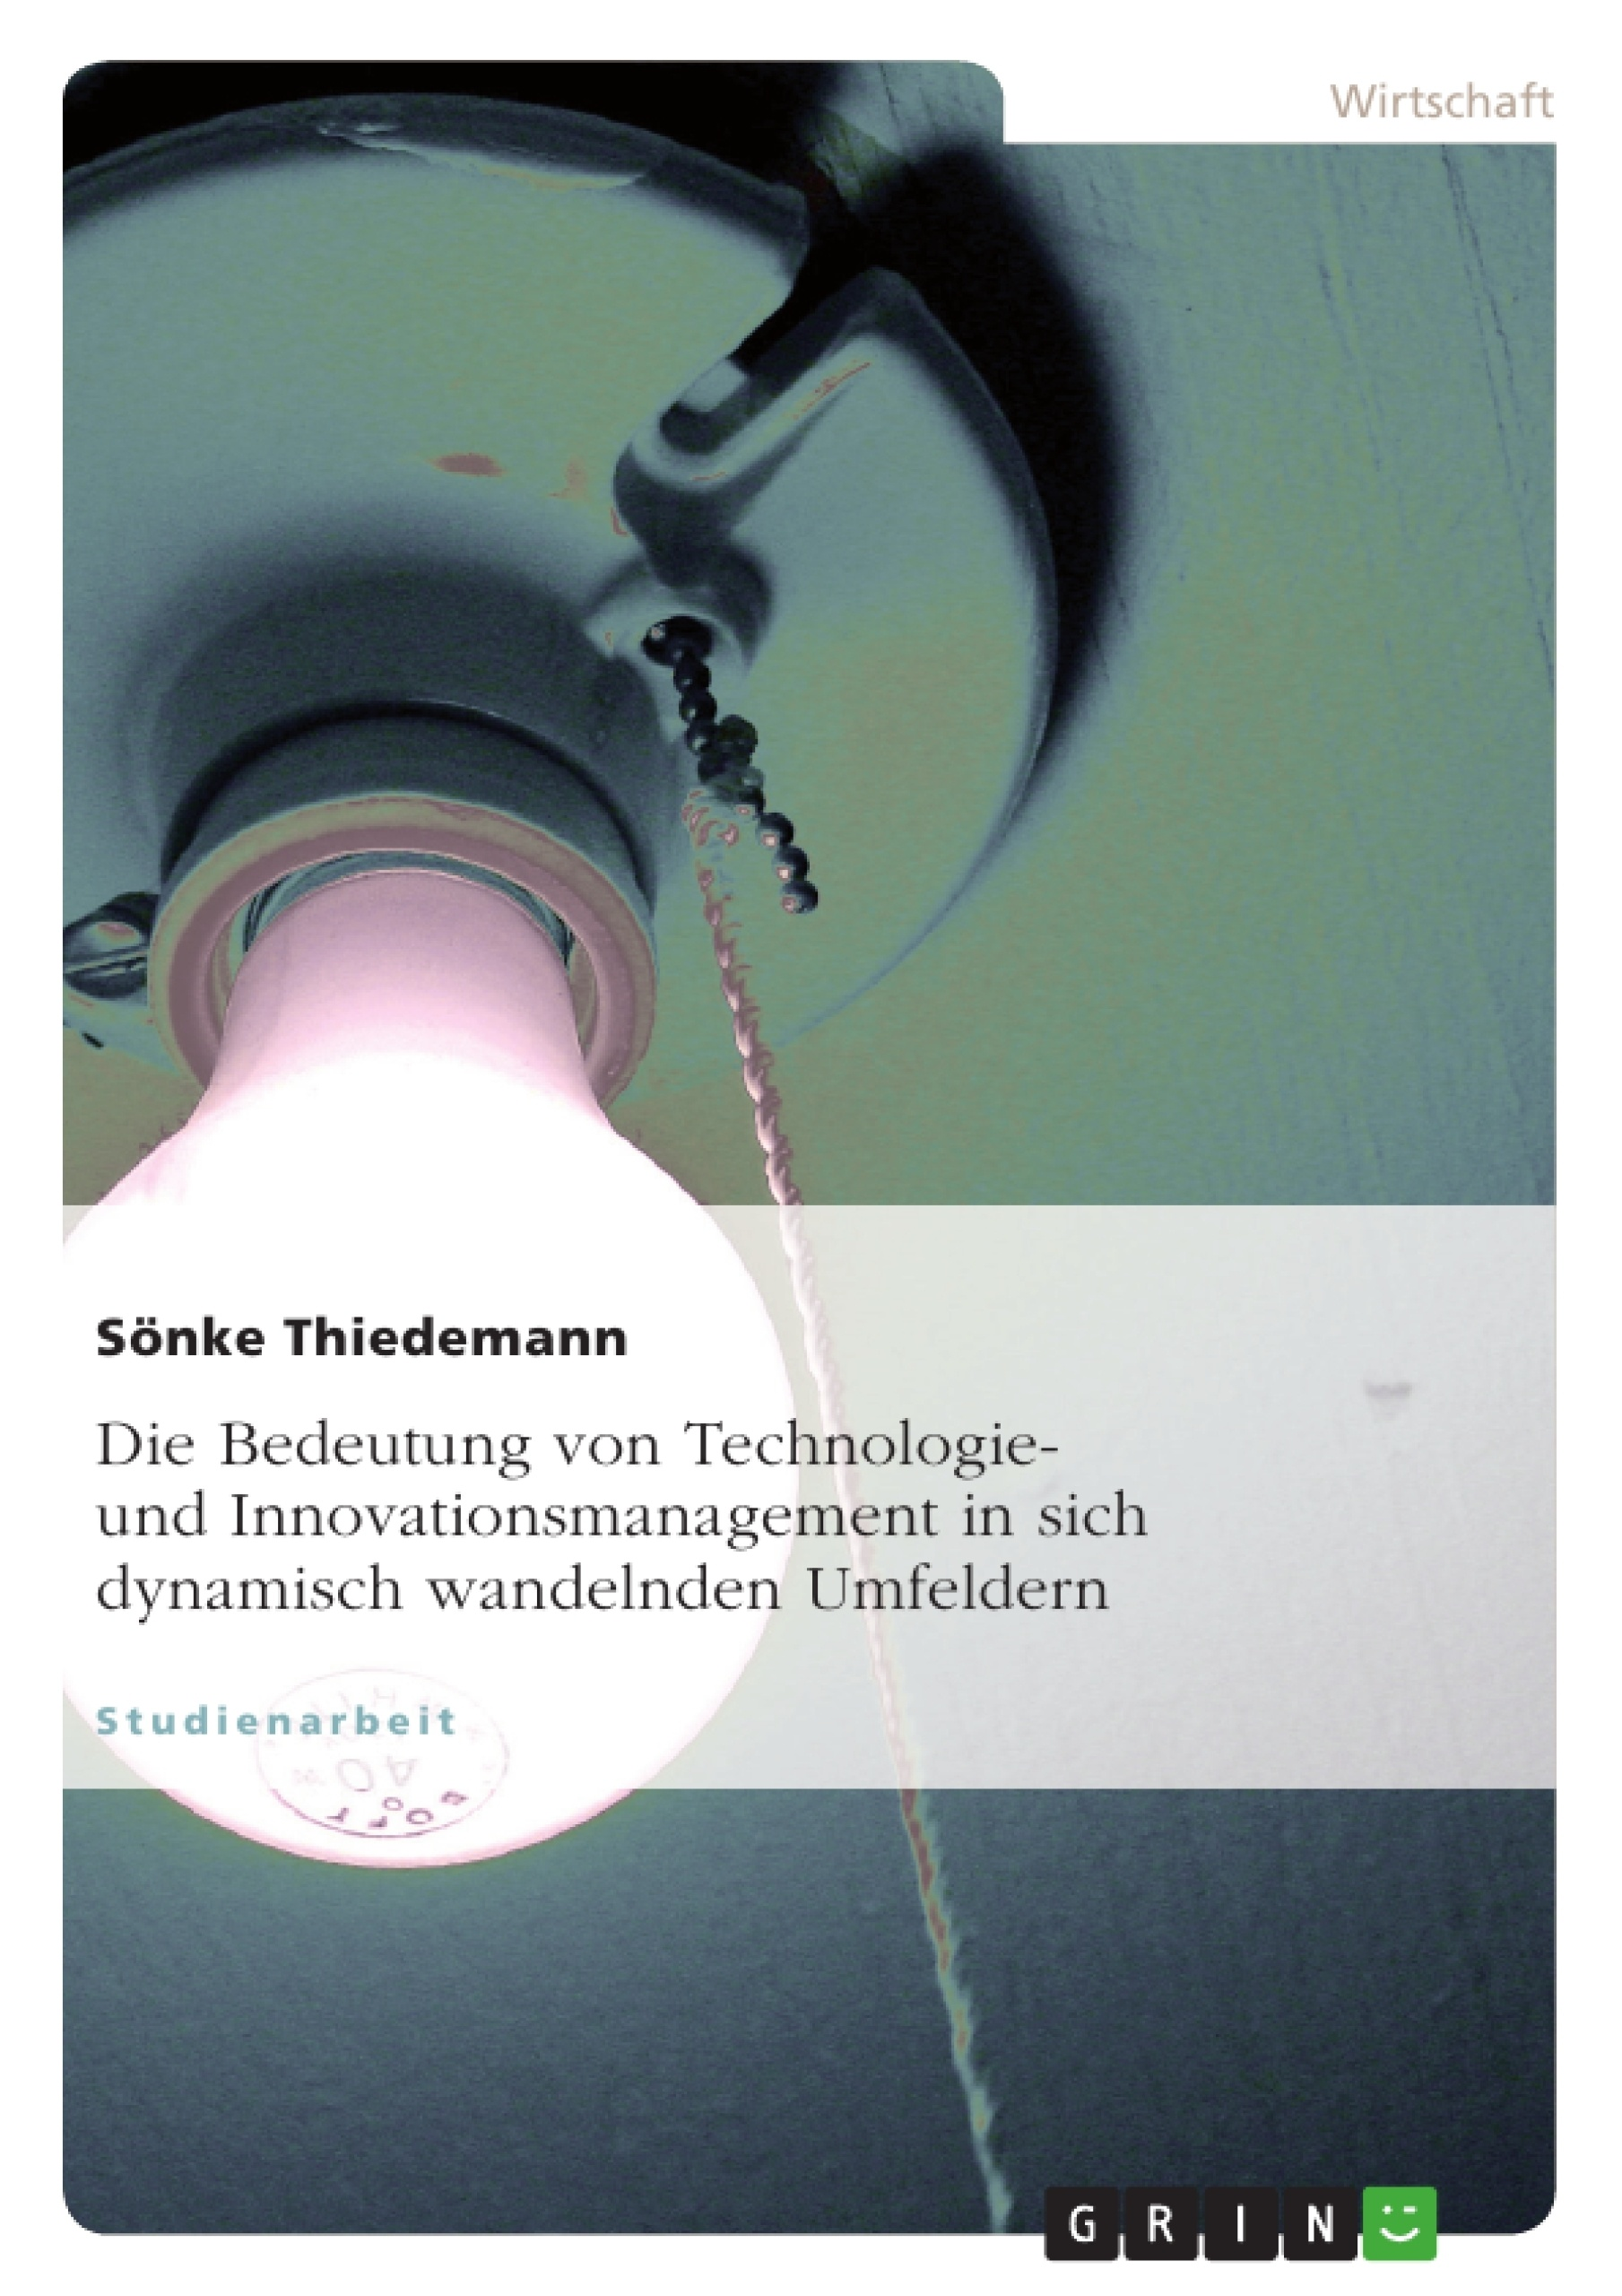 Titel: Die Bedeutung von Technologie- und Innovationsmanagement in sich dynamisch wandelnden Umfeldern